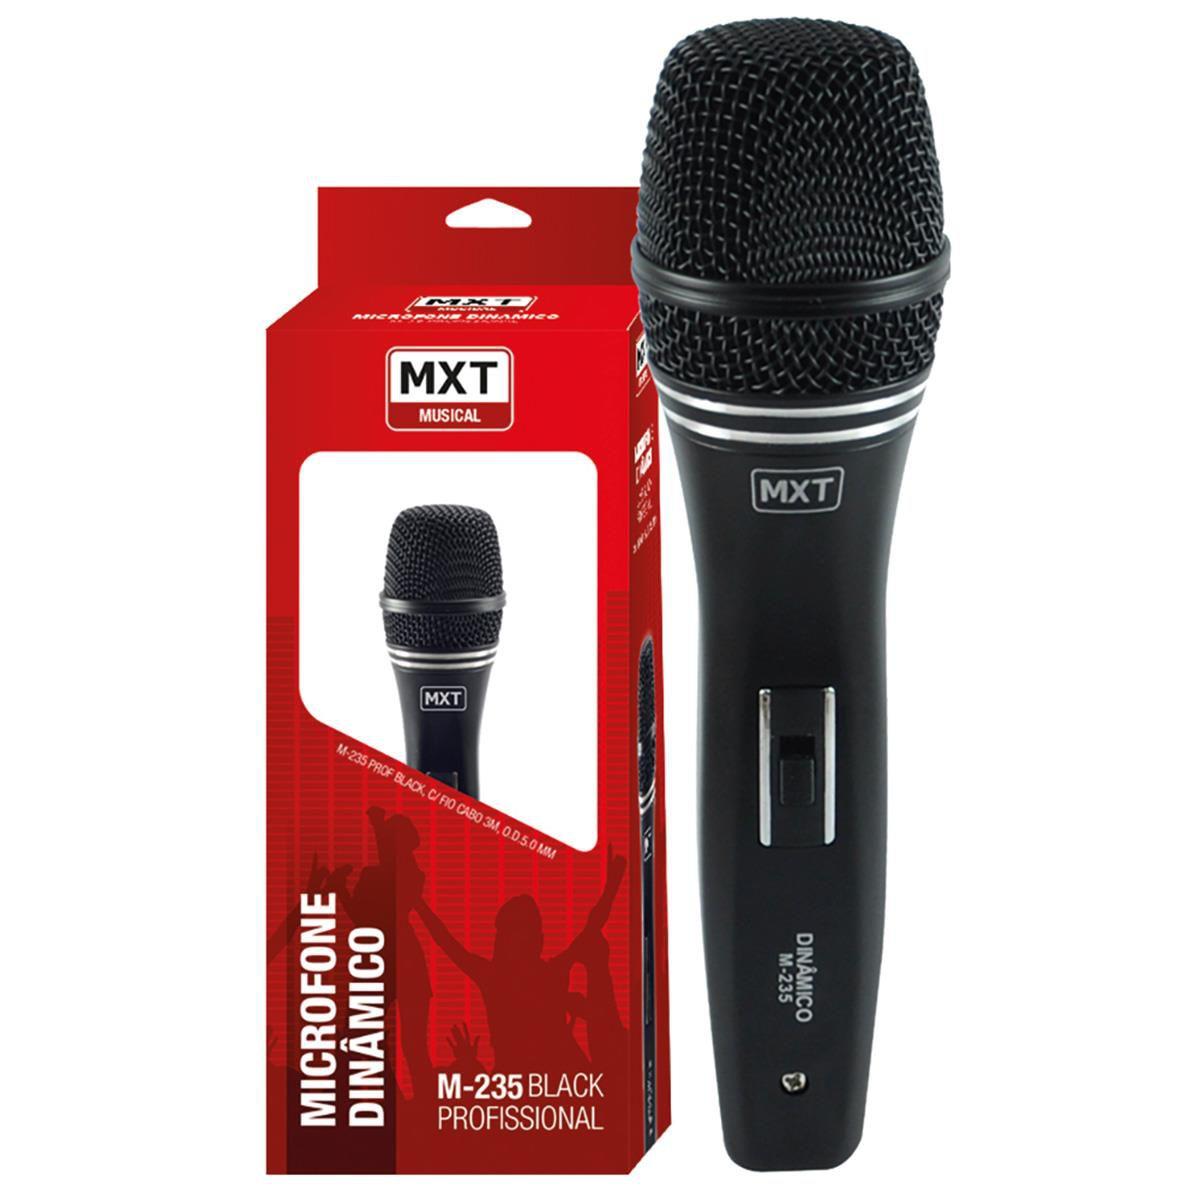 Microfone Com Fio Profissional Dinâmico Black M-235 - MXT  - LD Cabos Soluções Áudio e Vídeo